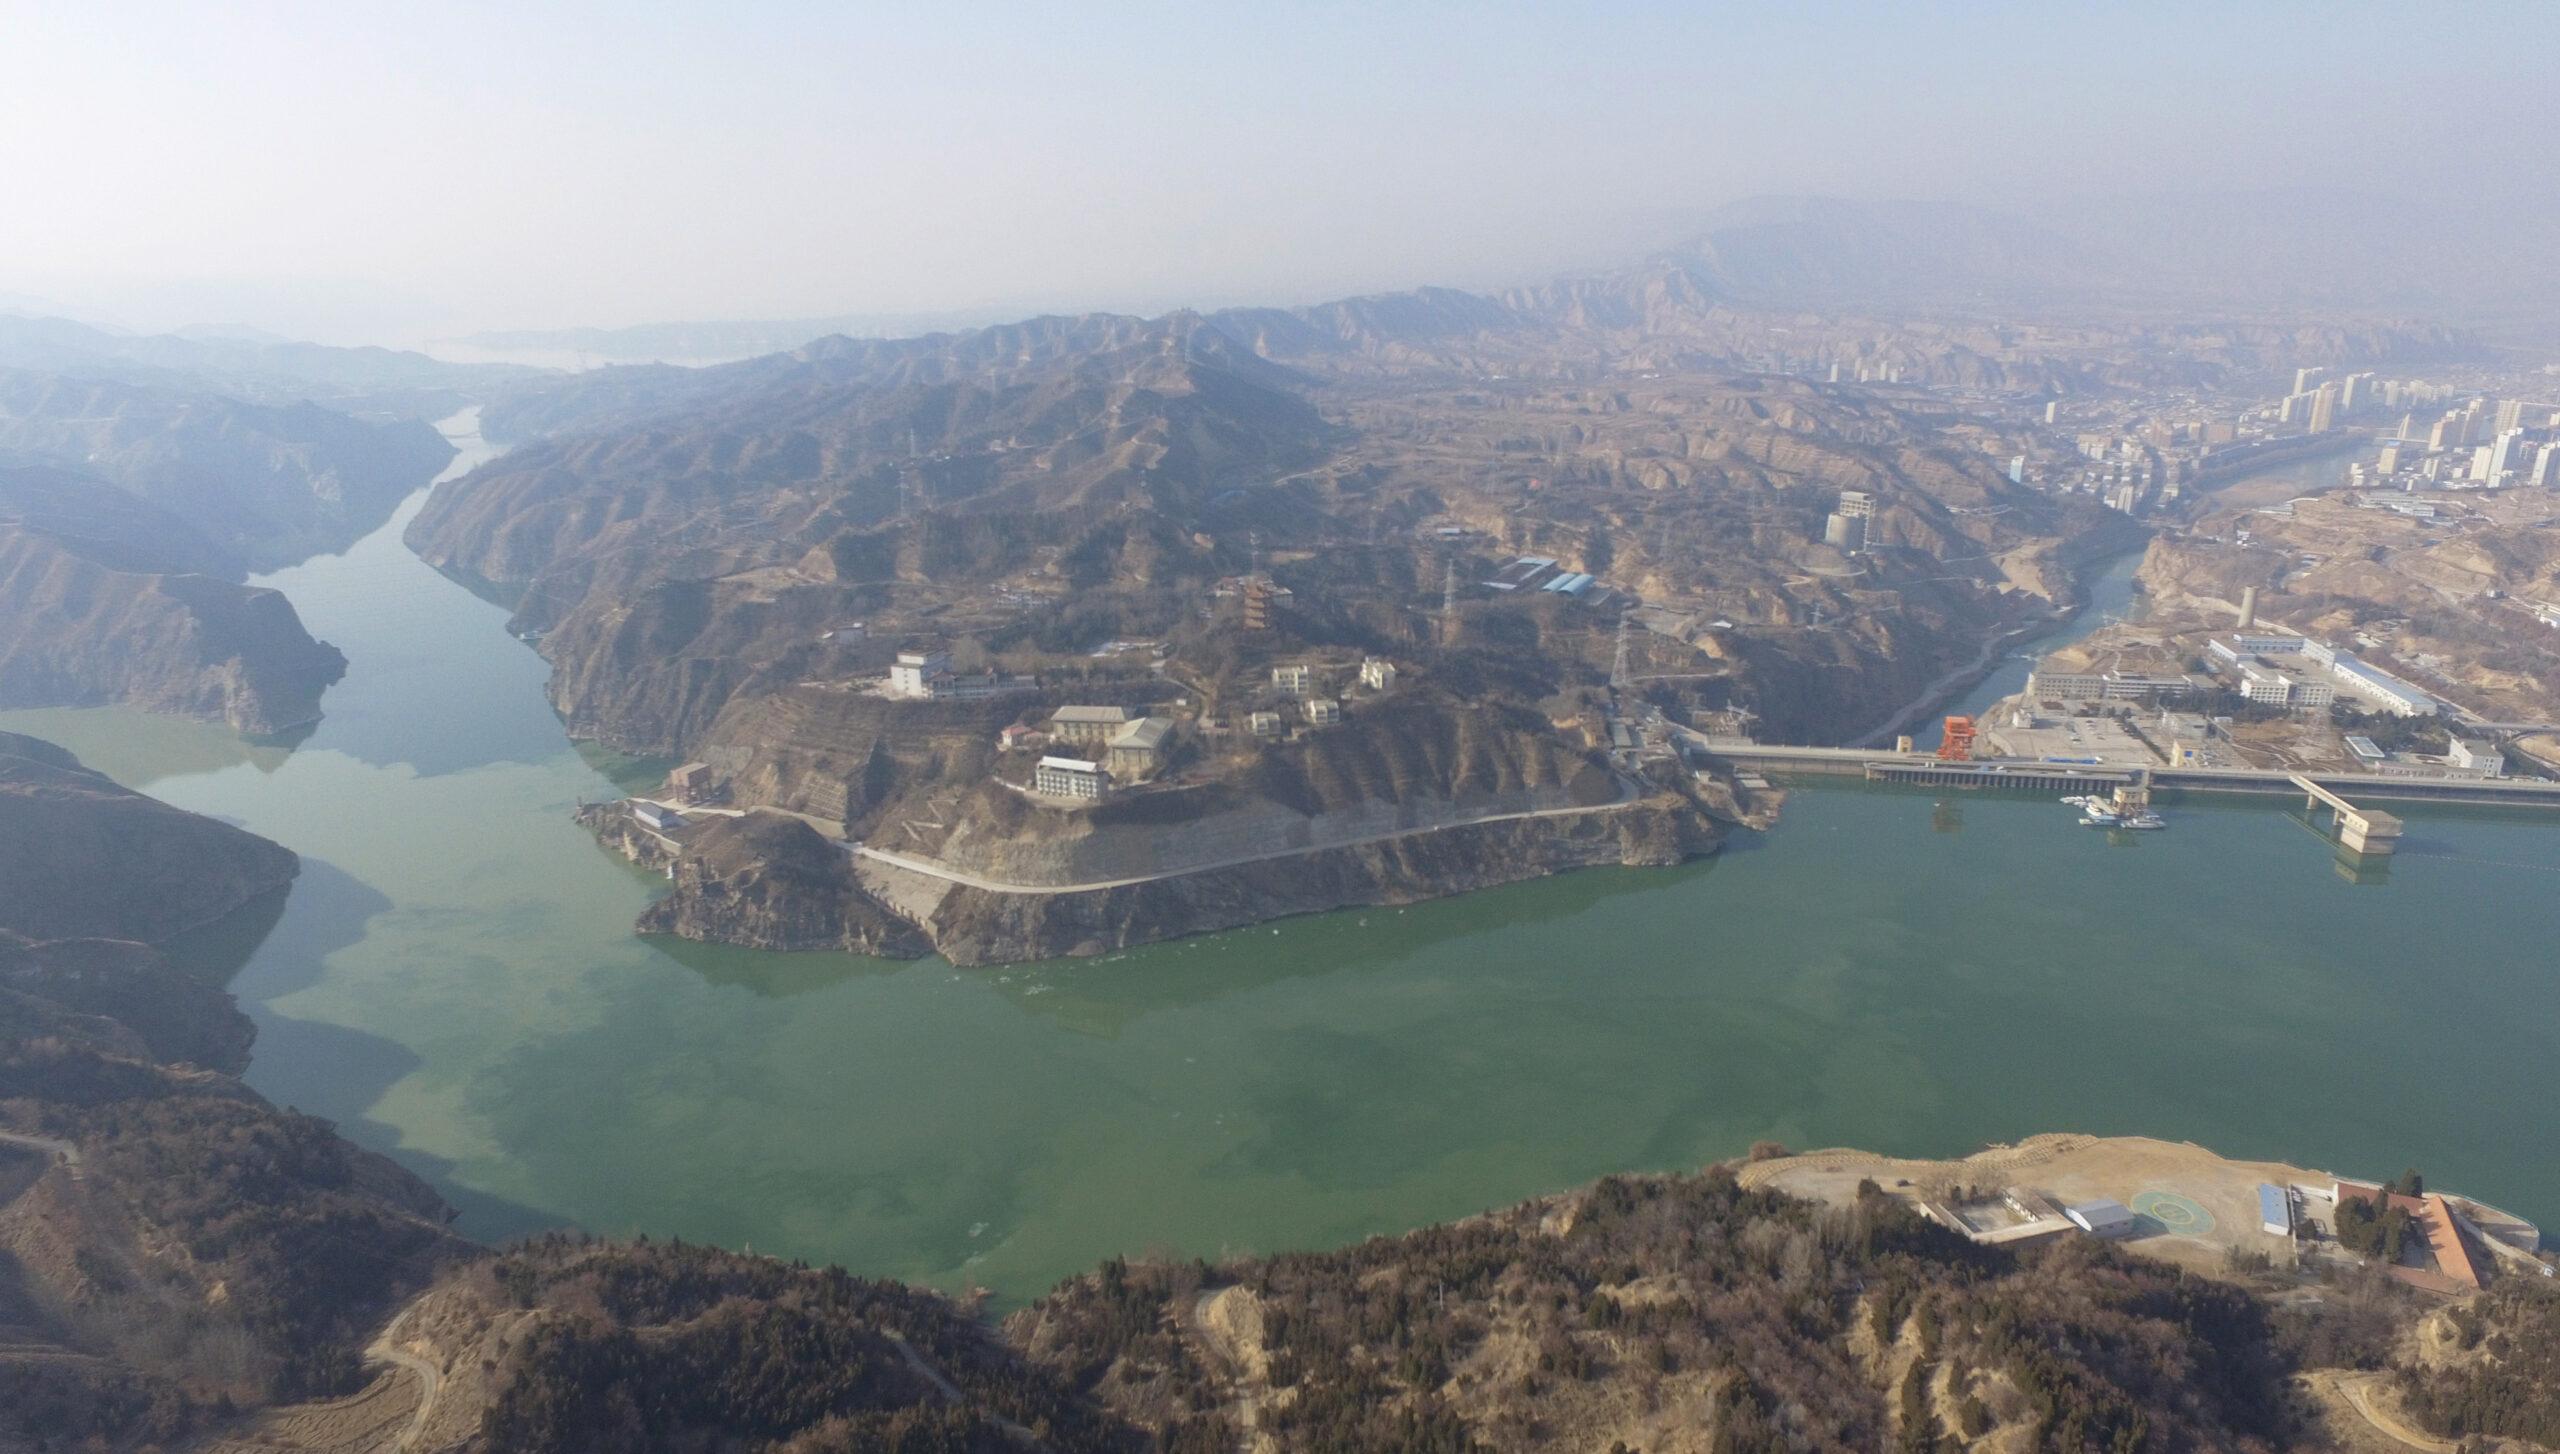 จีนปันงบฯ เกือบ 500 ล้านหยวน บรรเทาภัยพิบัติ 'น้ำท่วม'